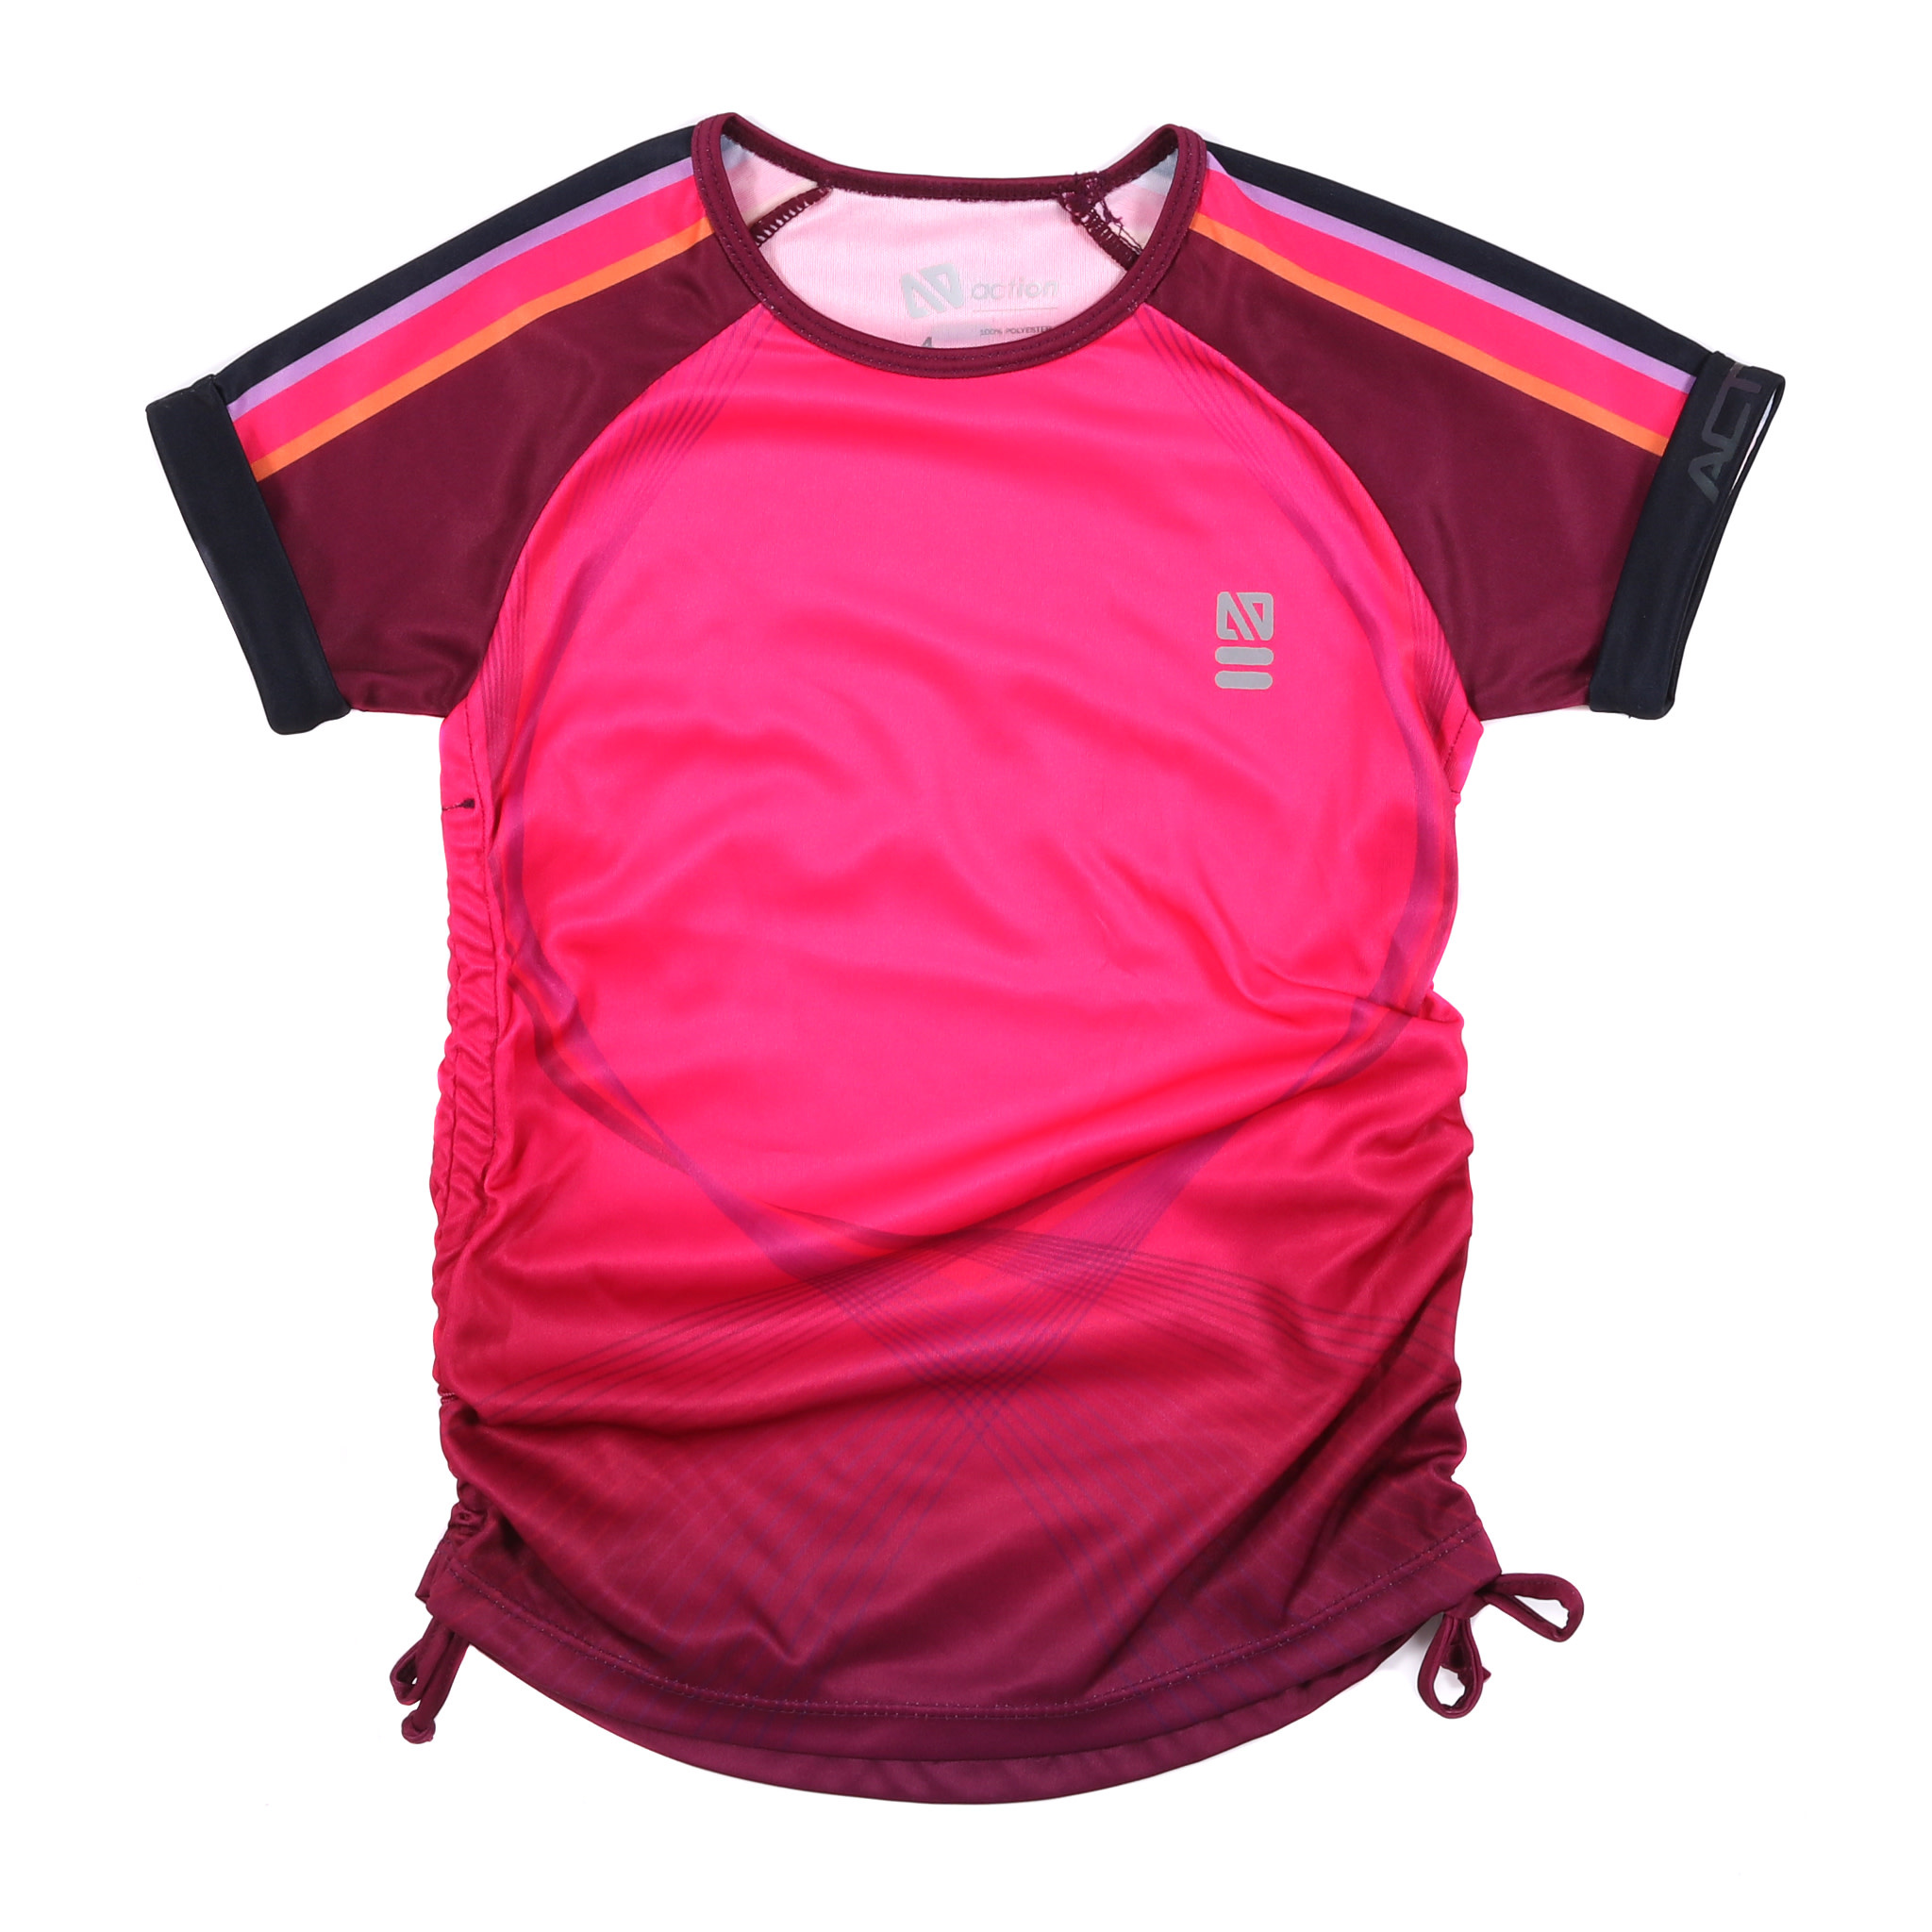 T-shirt athlétique - Sport et Chic-8